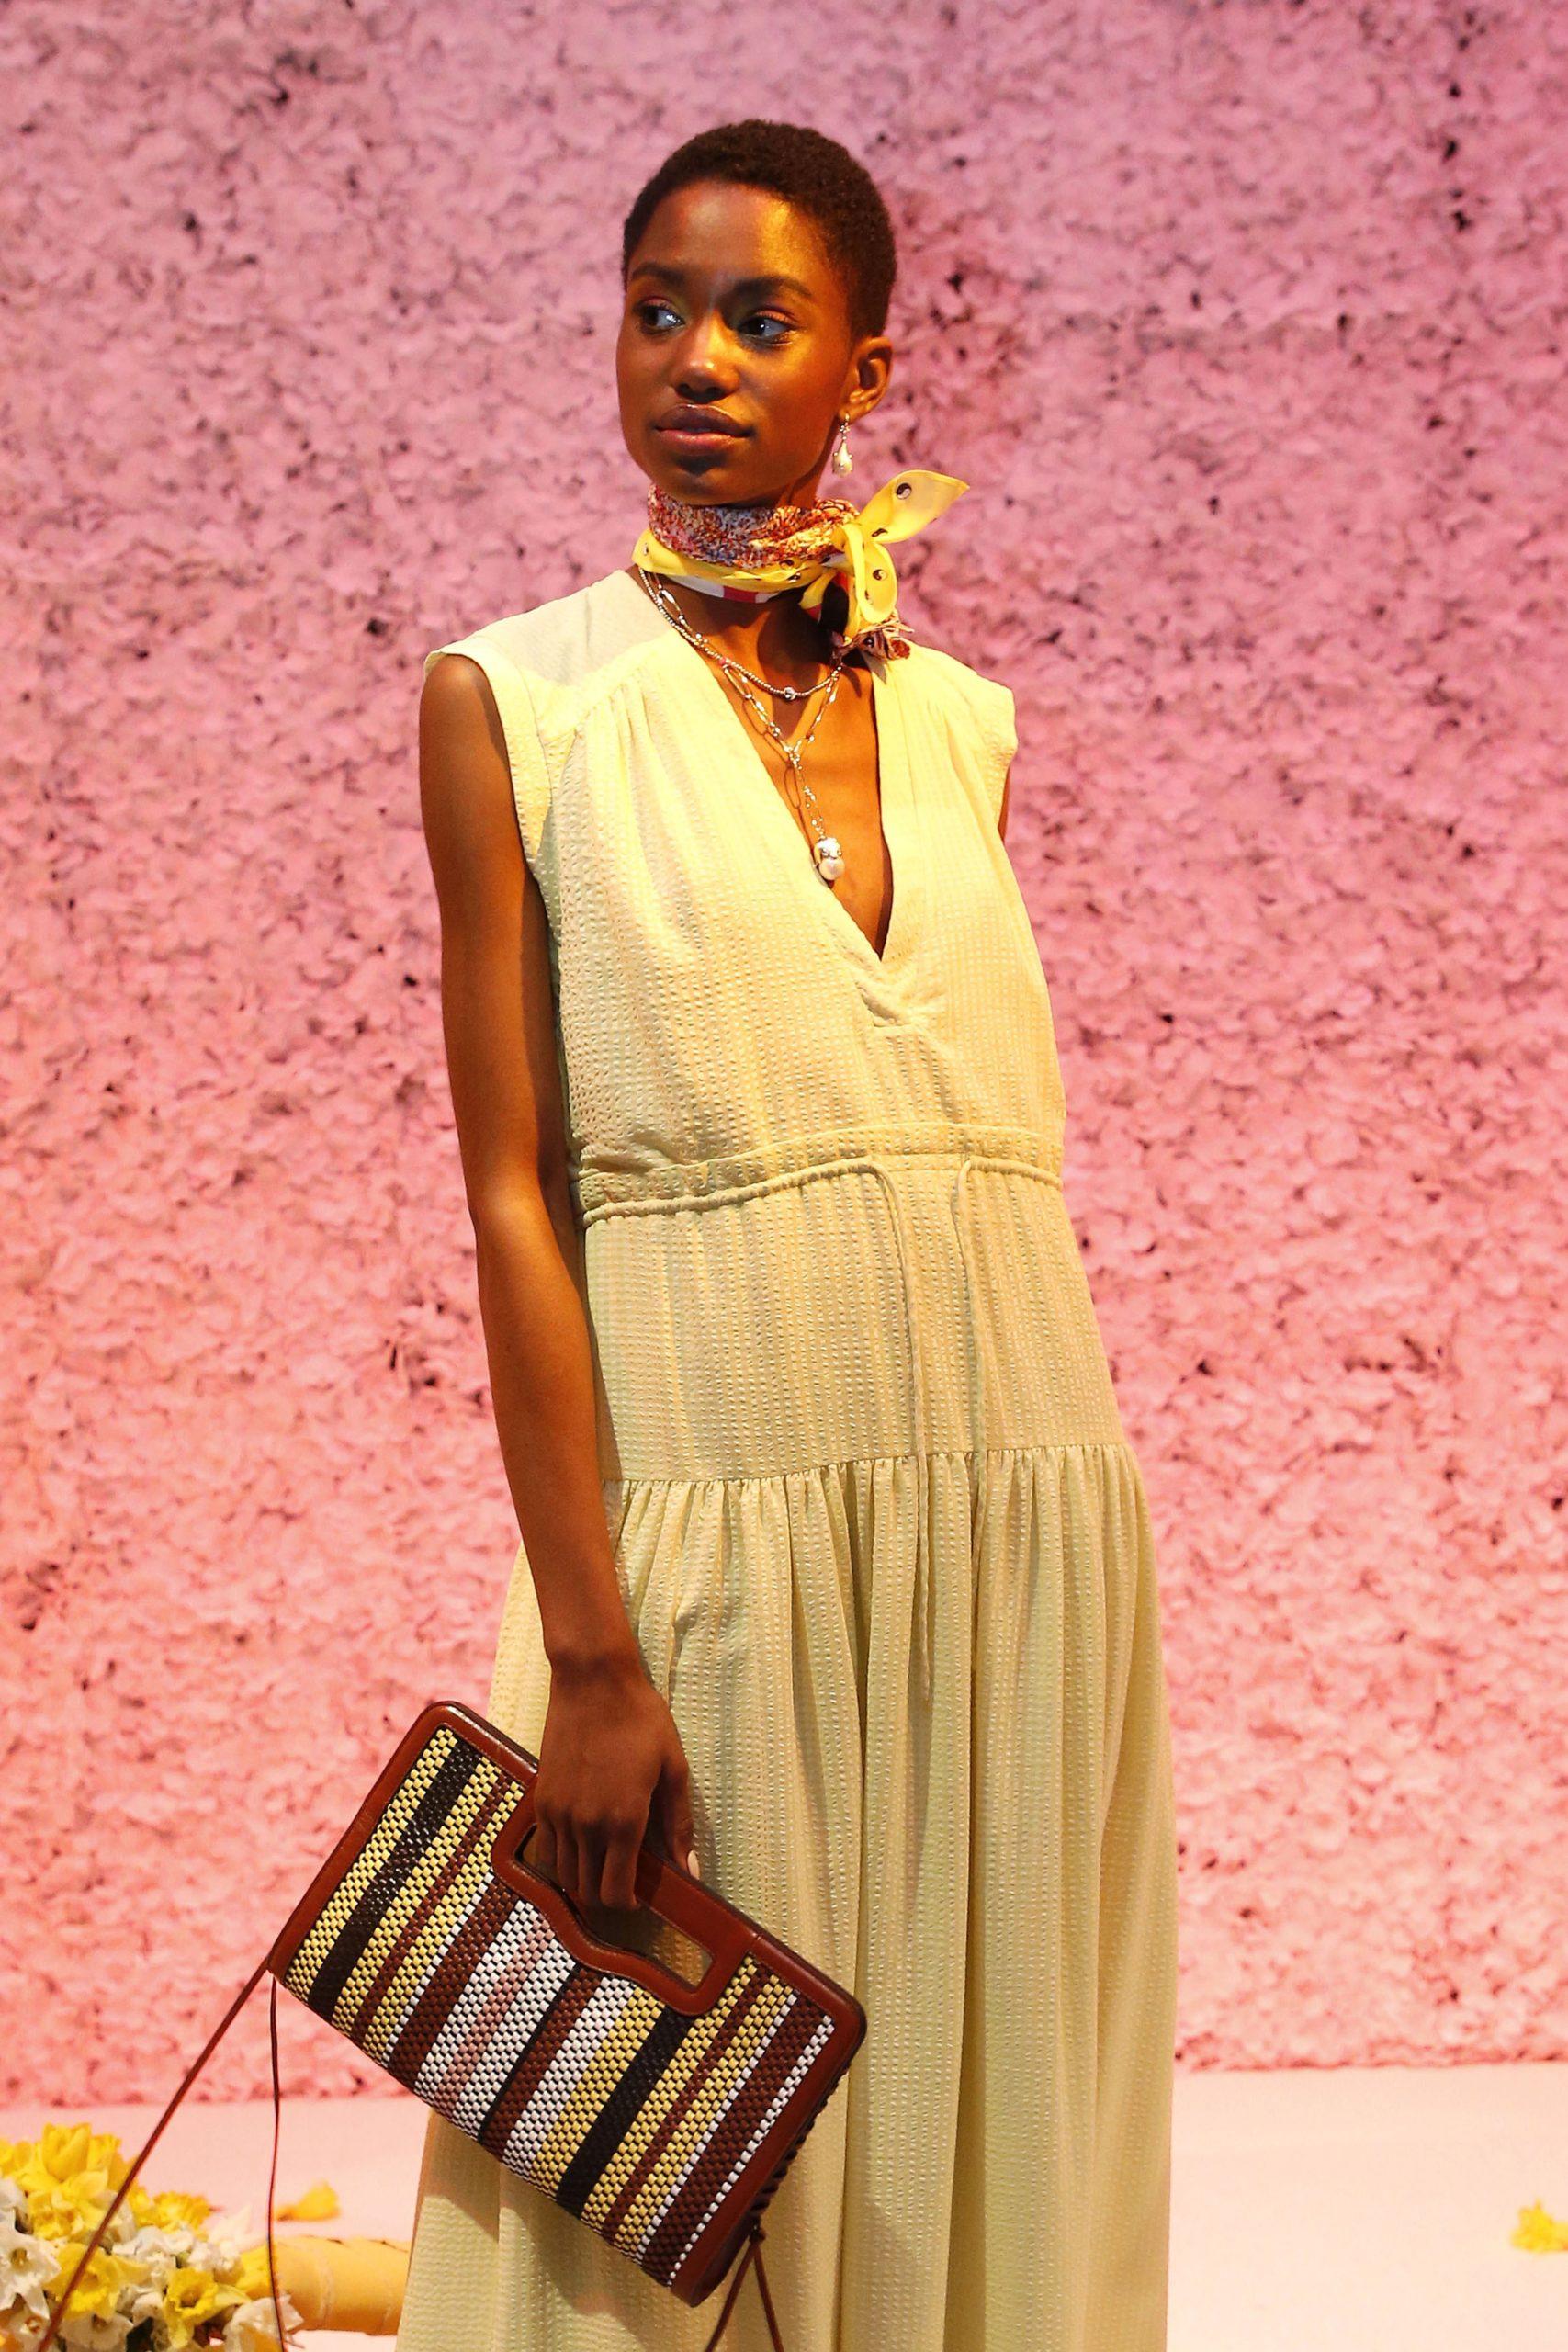 модная сумка с прорезными ручками осень зима 2020 2021 плетеная коричневая бежевая полоска